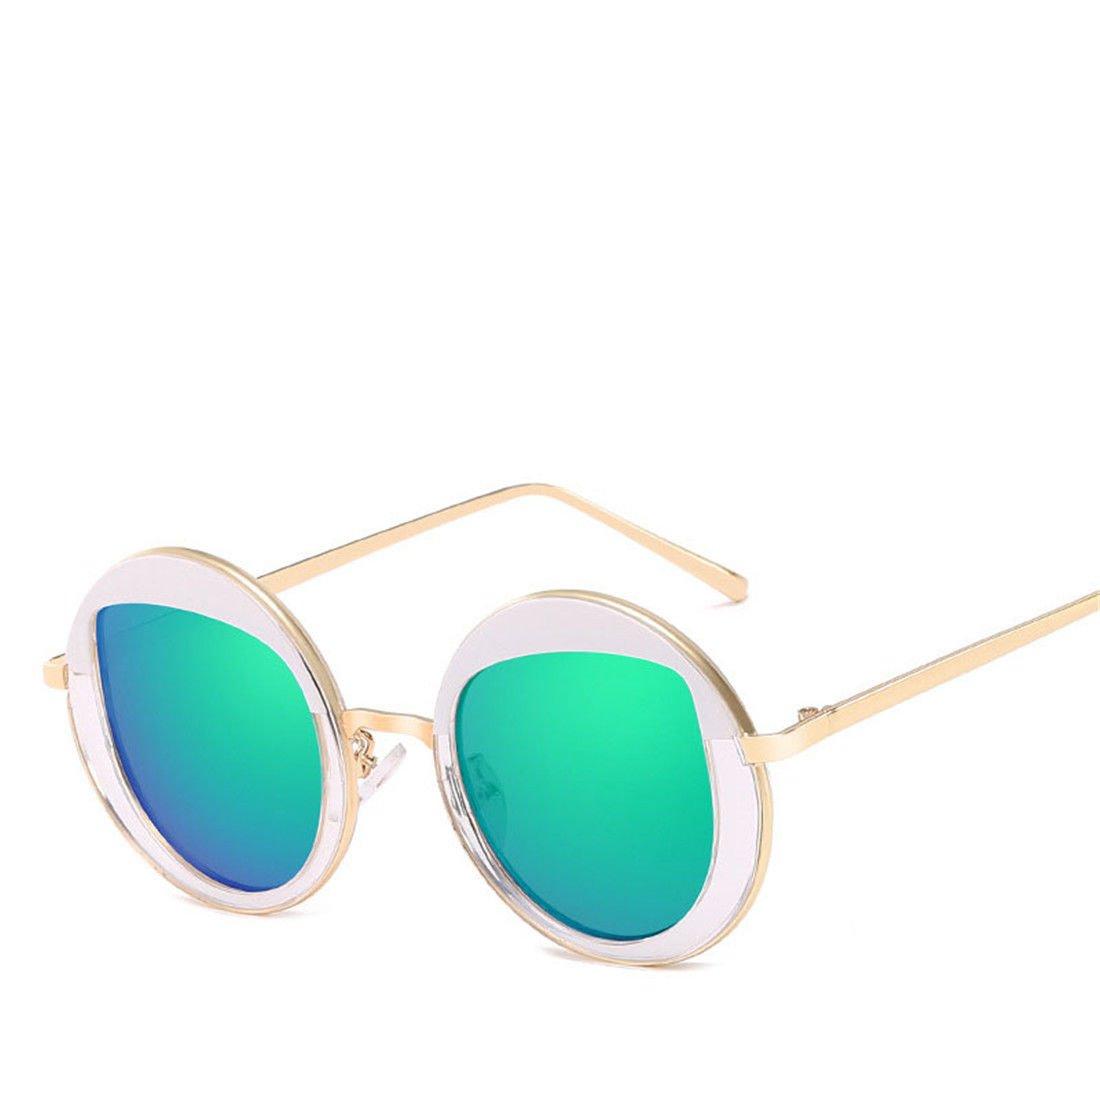 HONG@Occhiali da sole di moda metallo stile cornice rotonda occhiali da sole, D. HONG-Sun Mirror